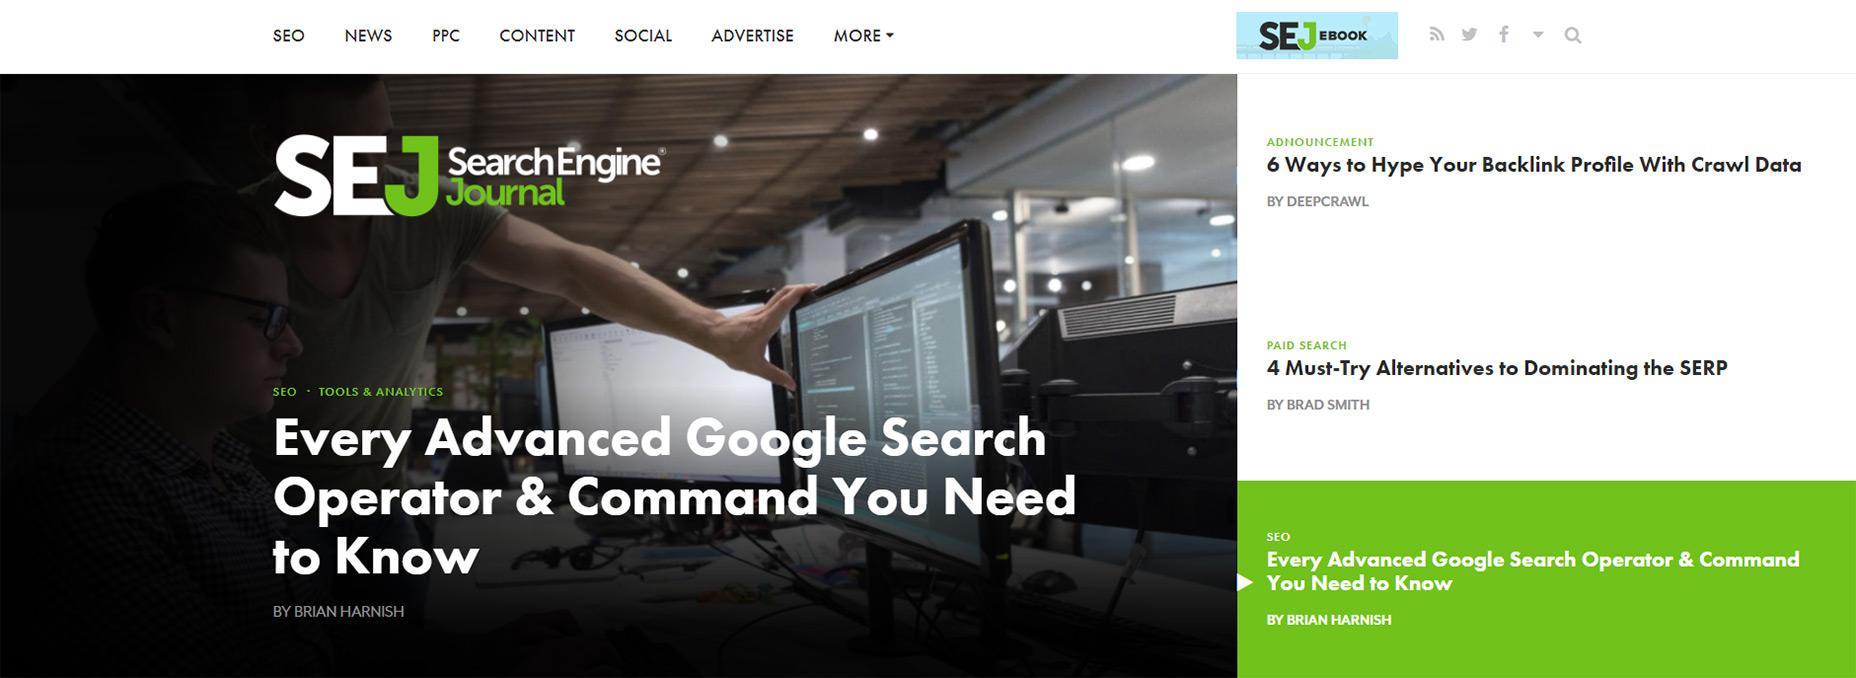 04-search-engine-journal-featured-widget